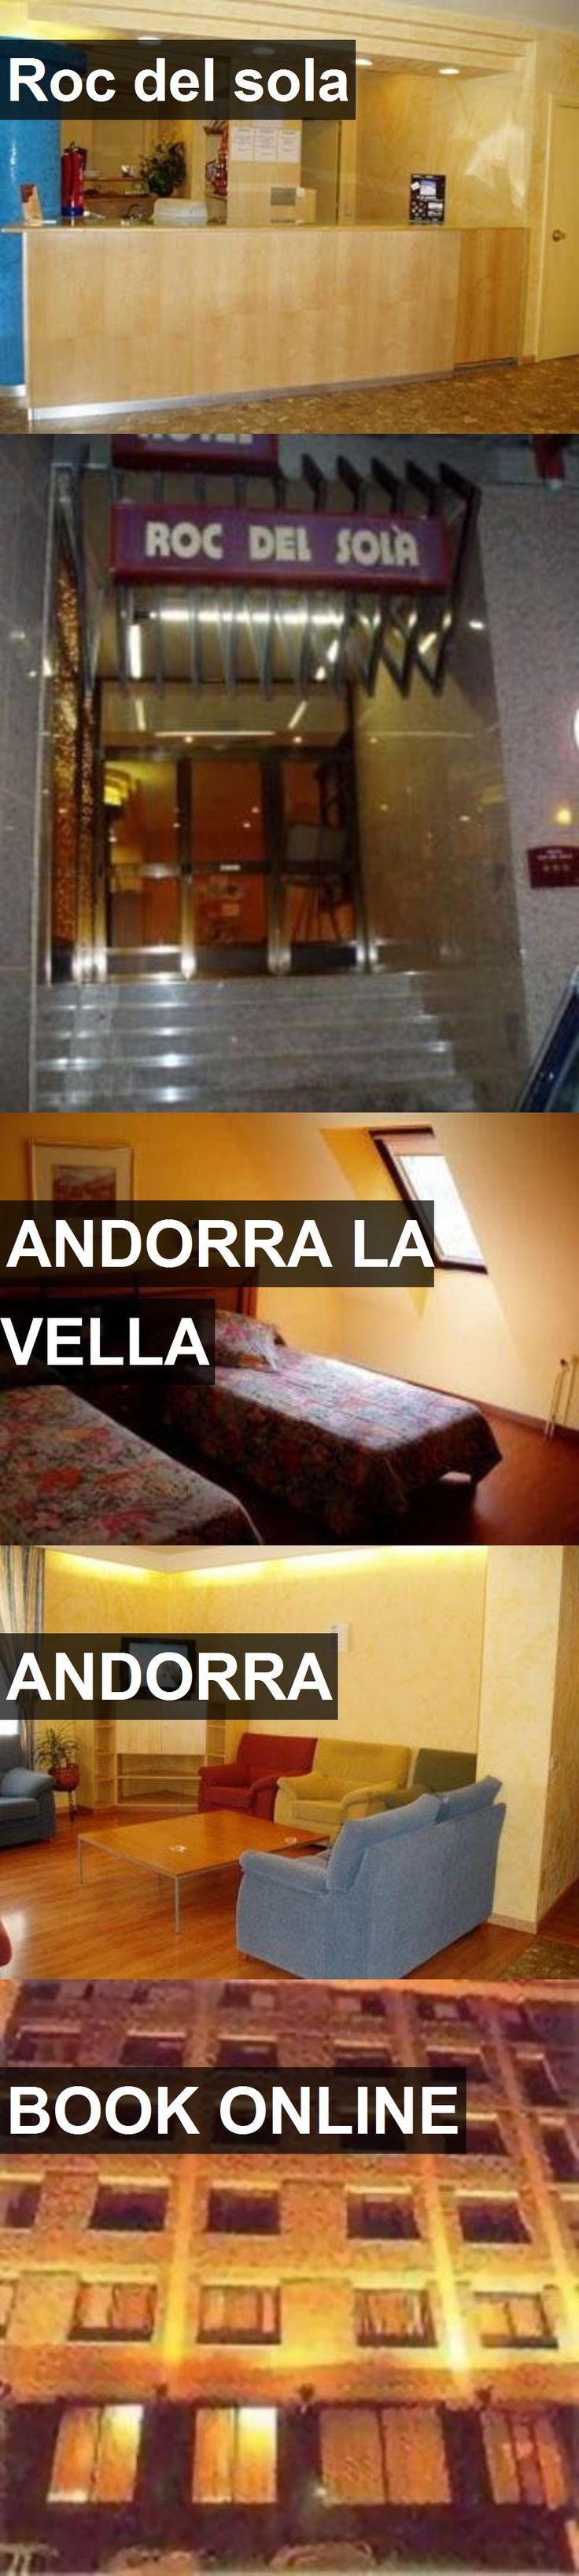 Hotel Roc del sola in Andorra La Vella, Andorra. For more information, photos, reviews and best prices please follow the link. #Andorra #AndorraLaVella #travel #vacation #hotel